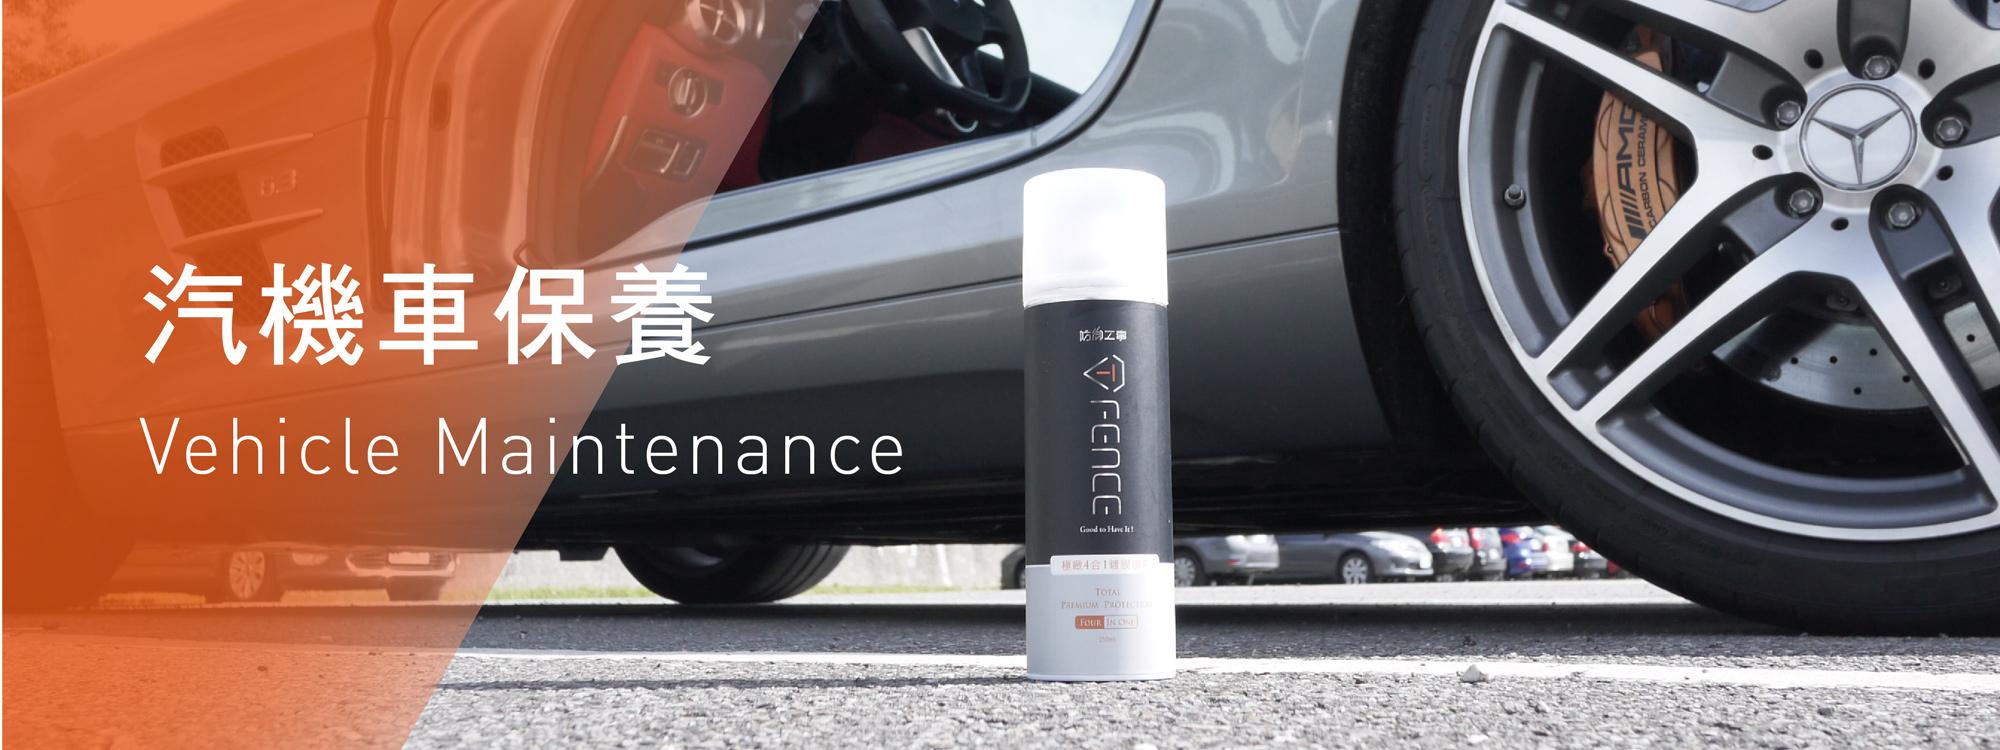 防御工事 汽機車清潔保養系列